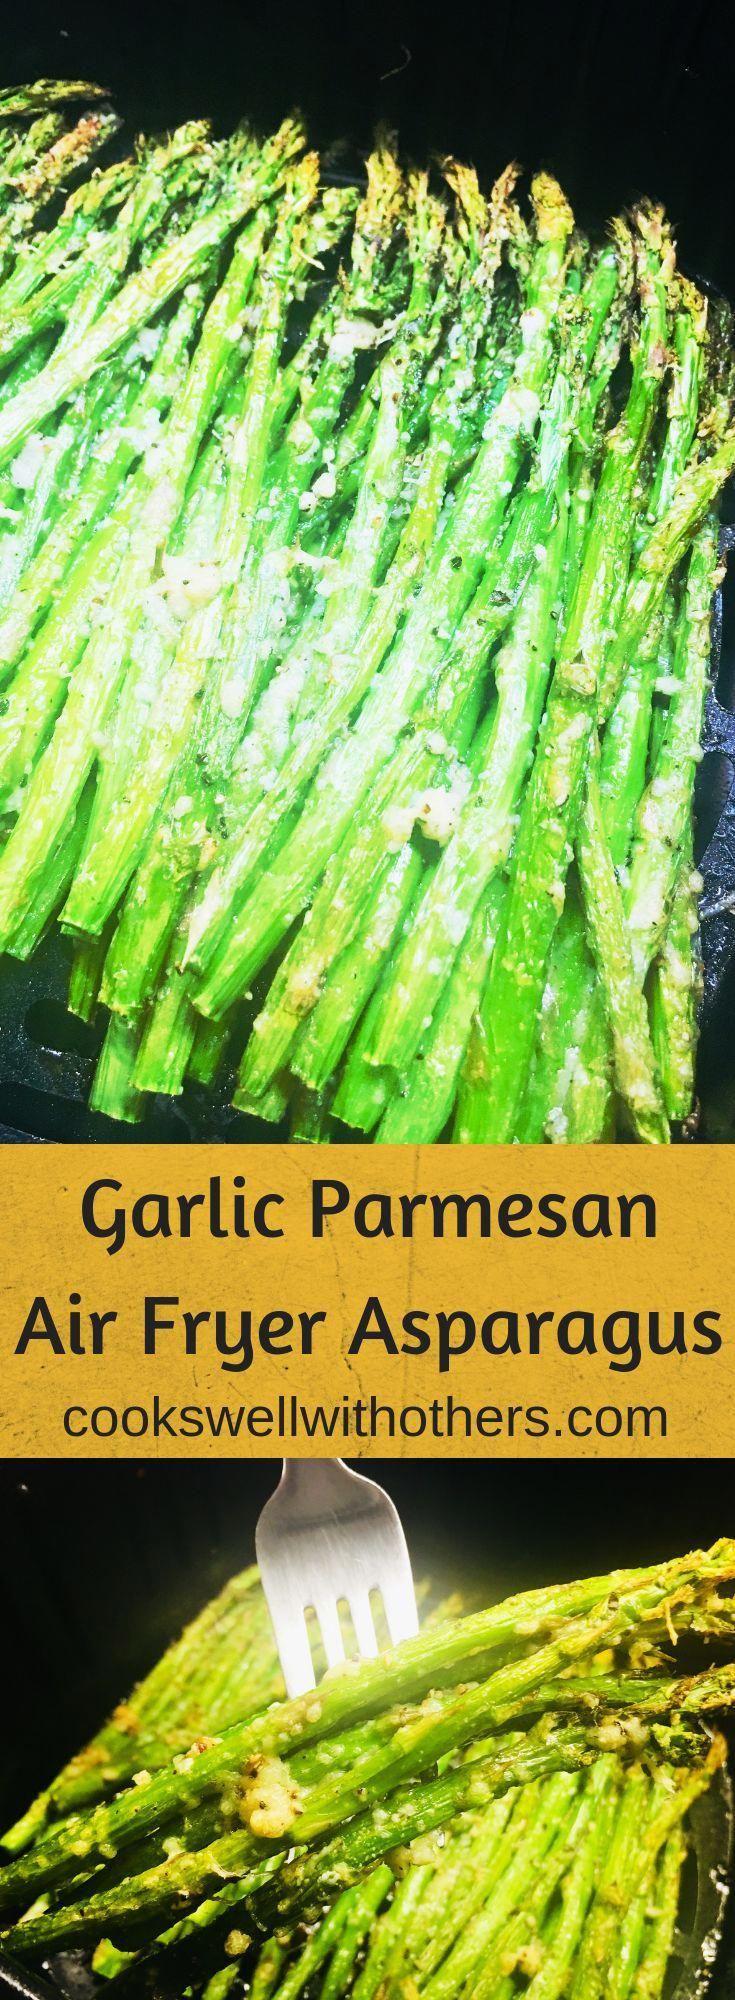 Garlic Parmesan Air Fryer Asparagus